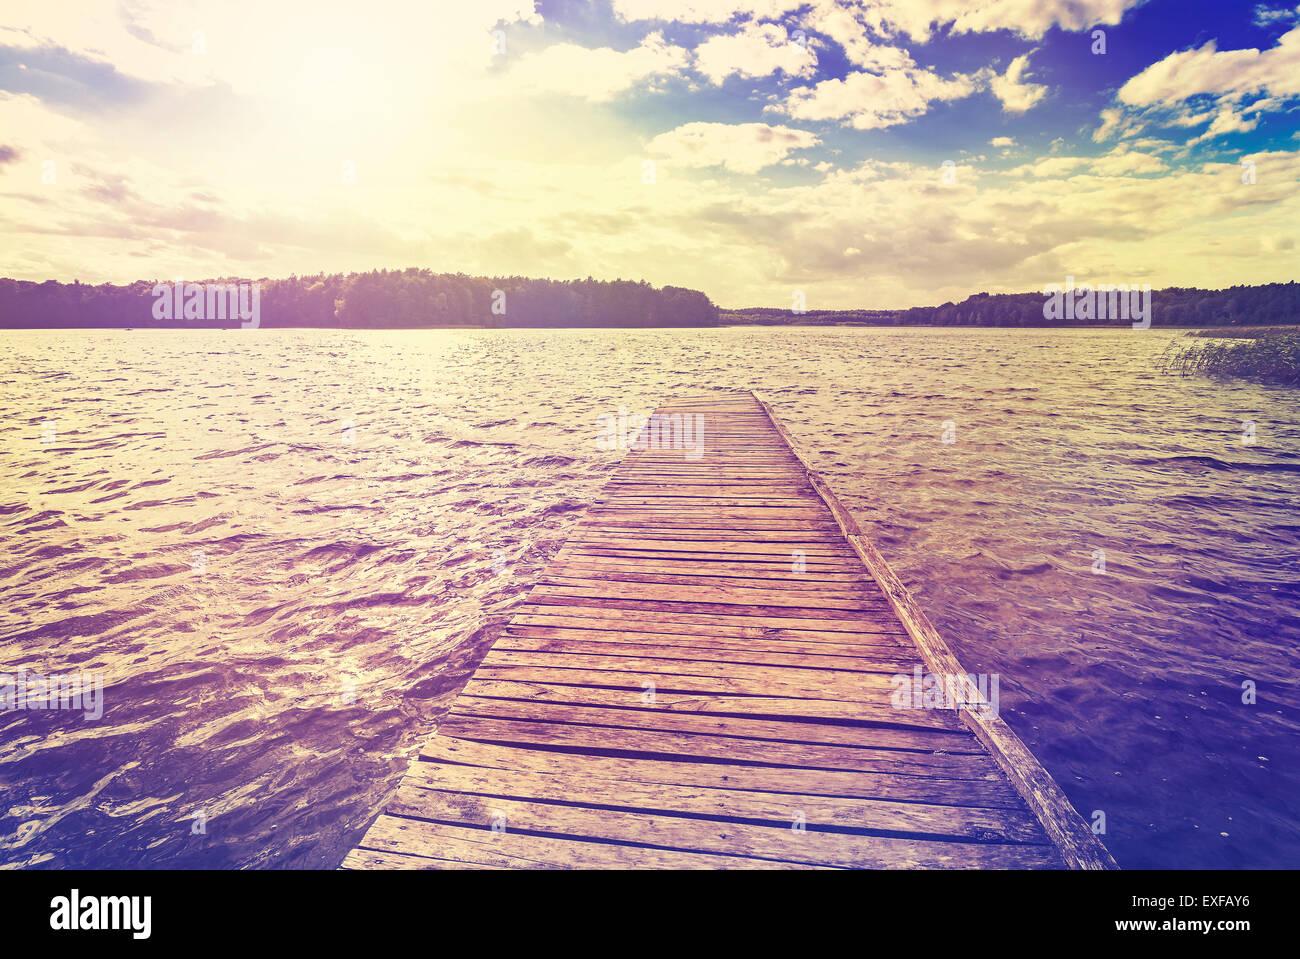 Tonos Vintage foto de la hermosa puesta de sol sobre el lago, Ostromecko en Polonia. Imagen De Stock